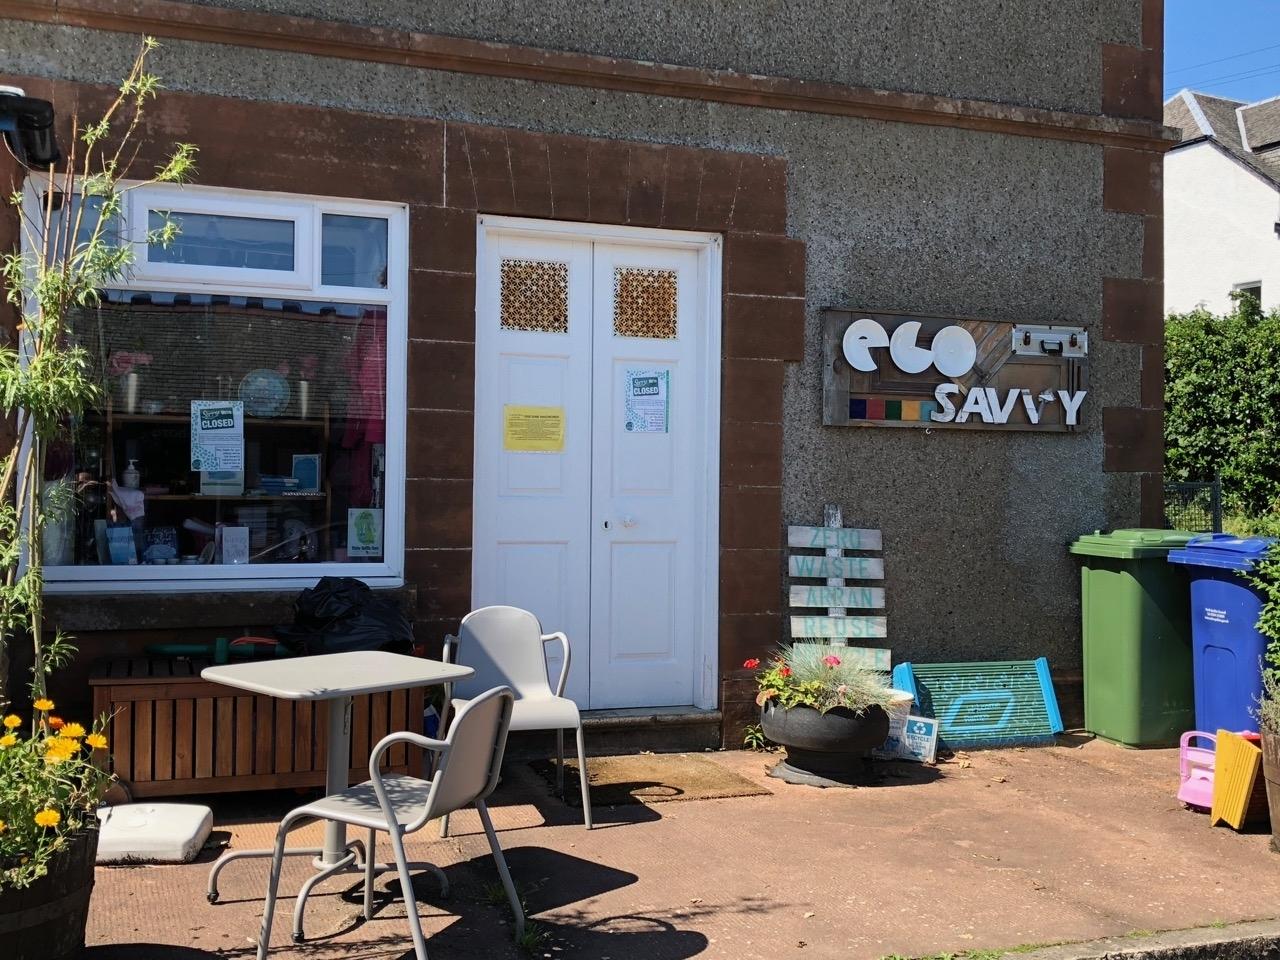 Arran Eco Savvy Community Shop